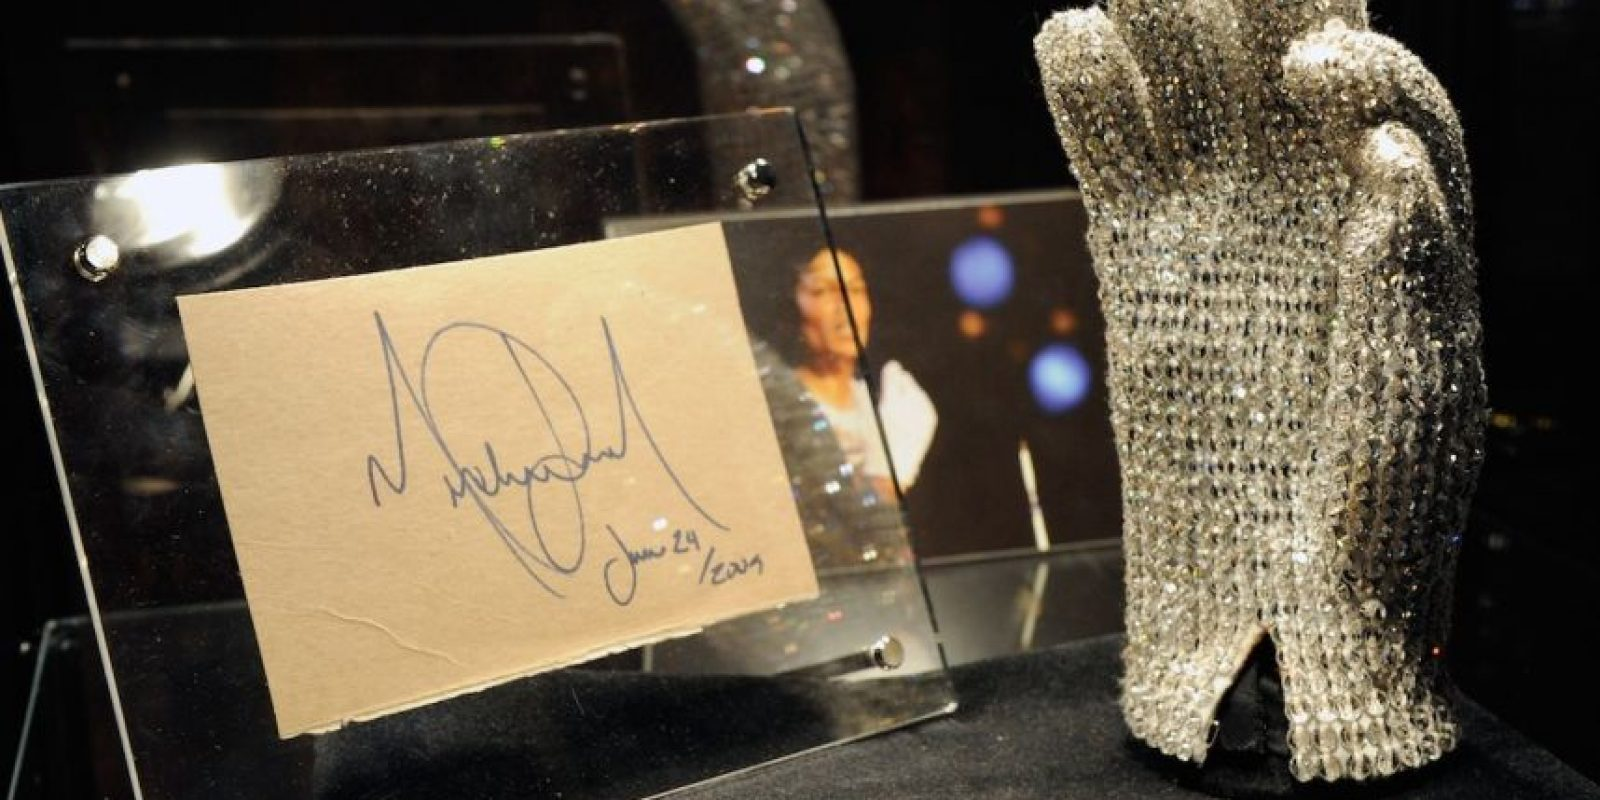 Uno de color azul y plata, y el otro dorado con negro, valorados respectivamente en 10 mil y 12 mil dólares. Foto:Getty Images